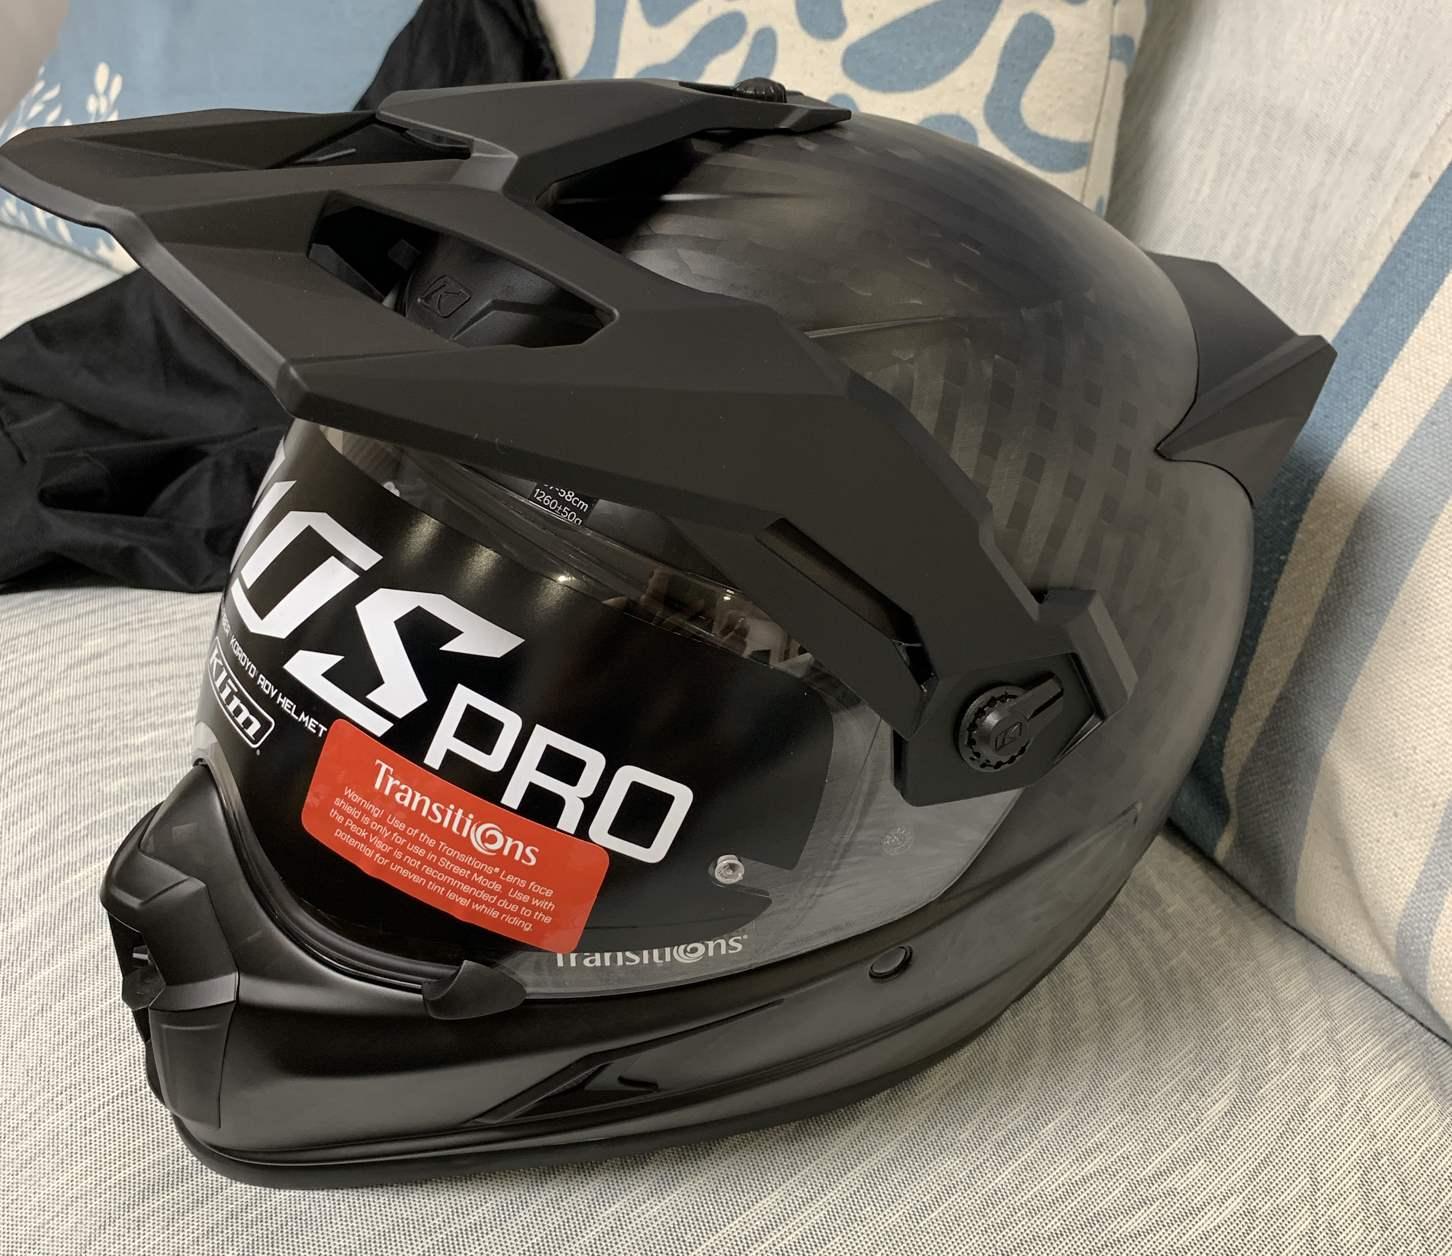 高档现货kriospro变色片碳纤维ADV头盔绝版拉力摩托宝马越野珍